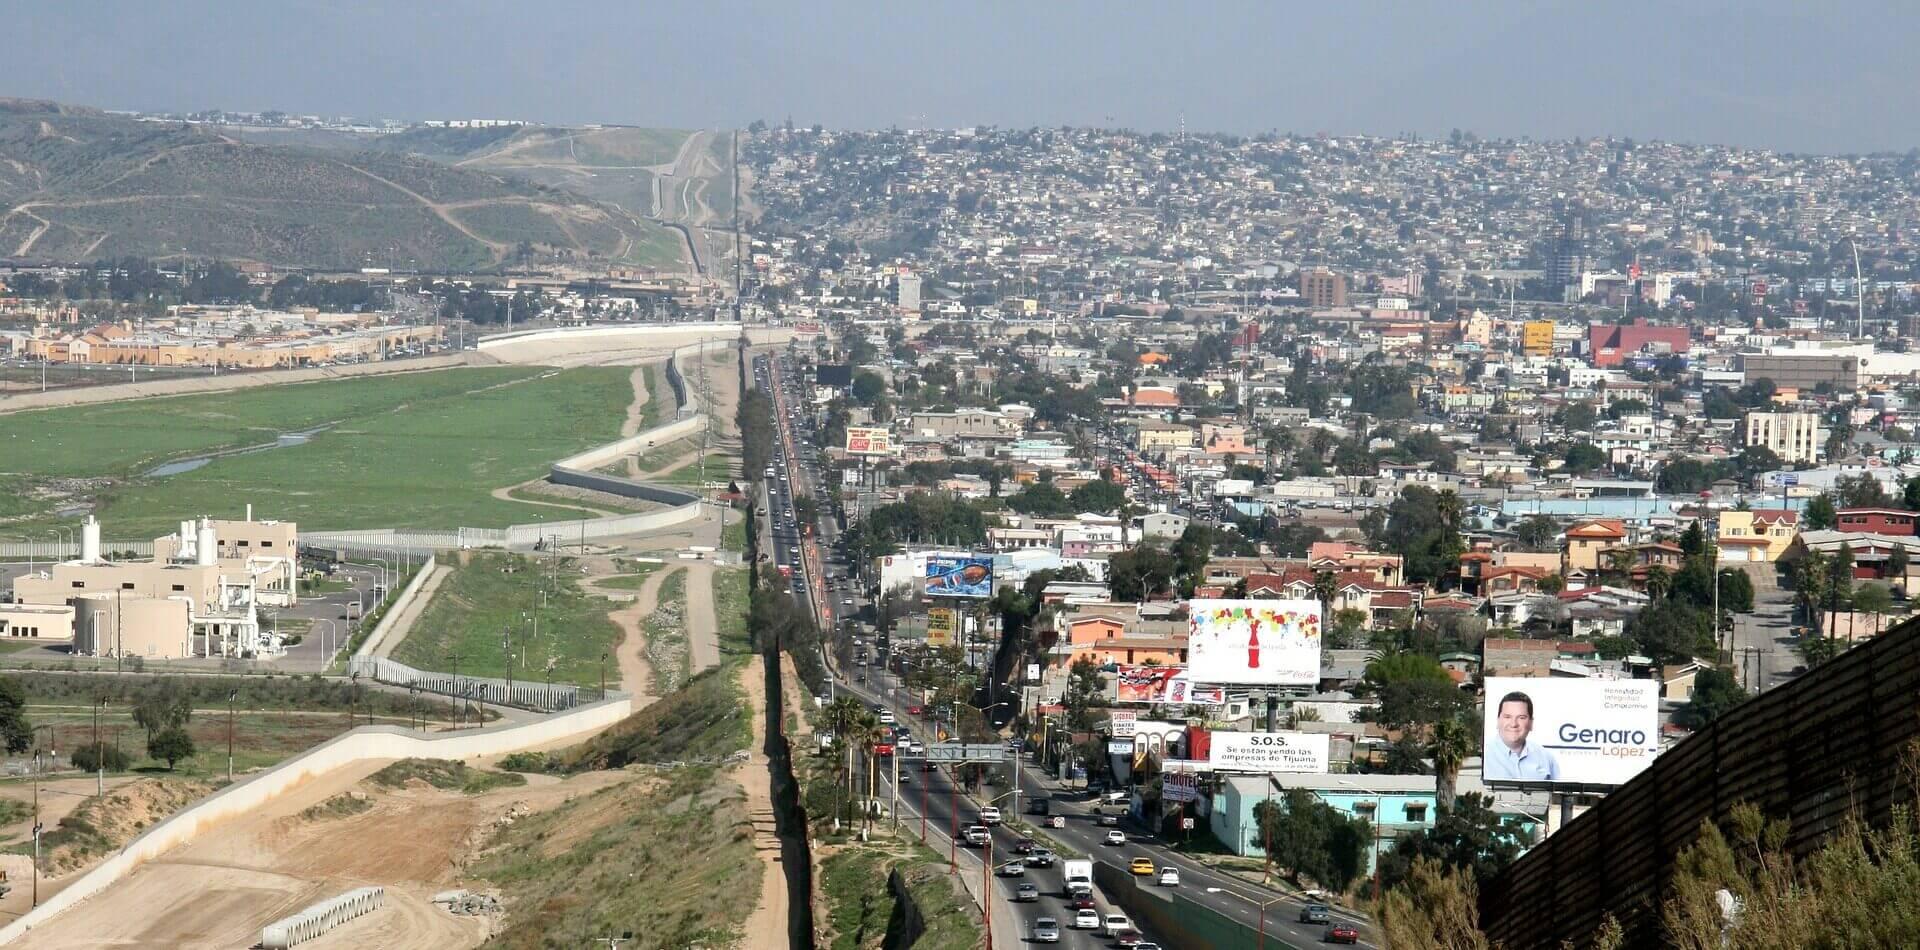 Frontera México - Estados Unidos / Este artículo habla sobre las deportaciones express de adultos solteros en la frontera